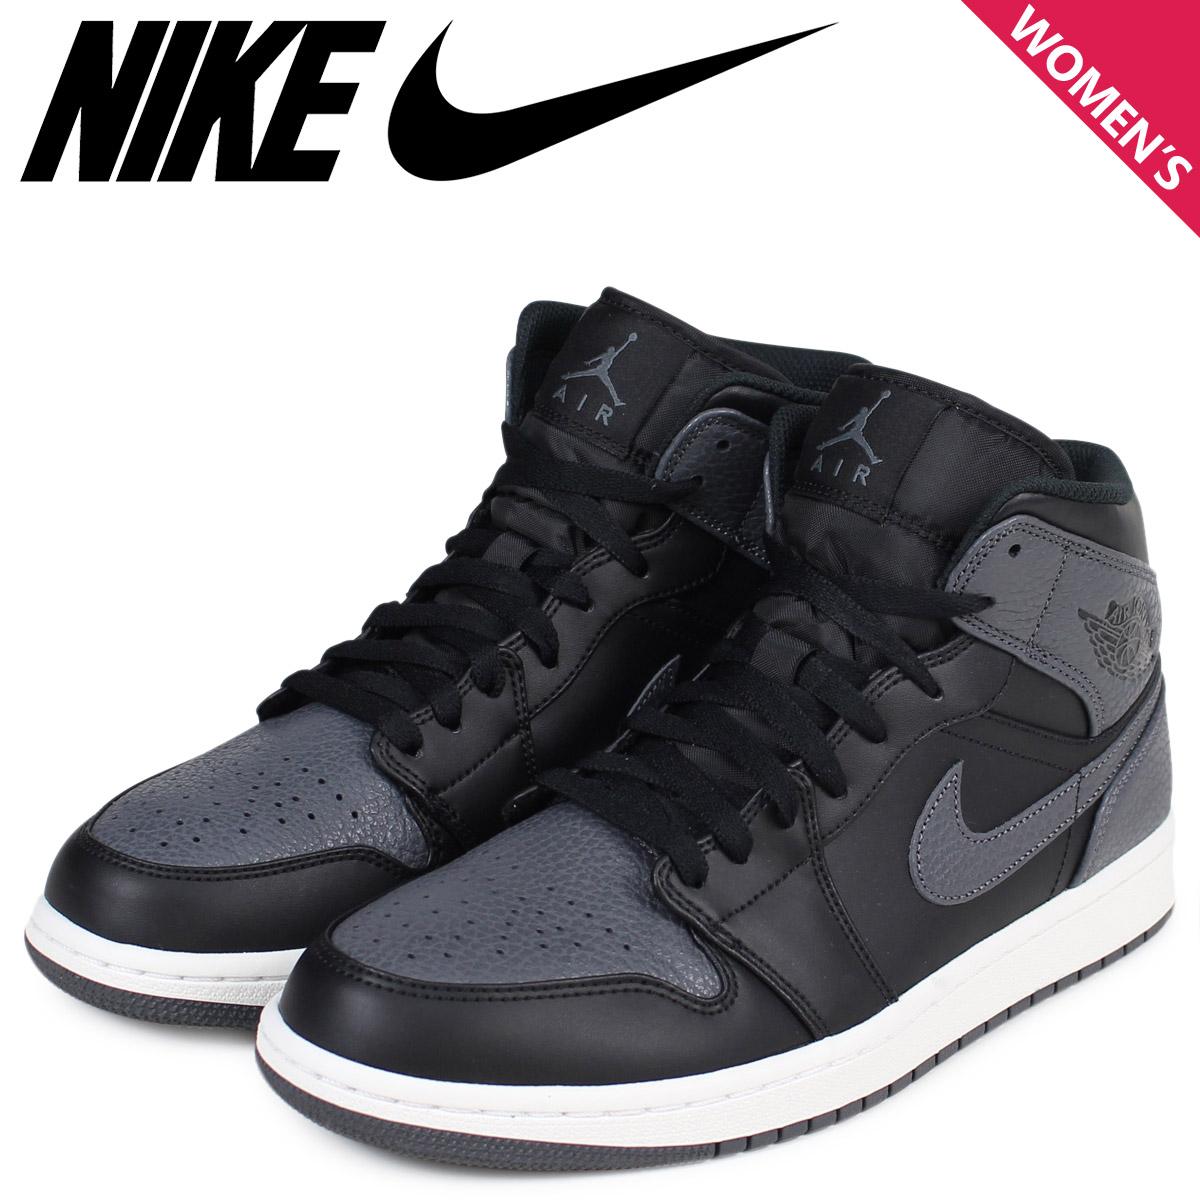 7ebed87c02c NIKE Nike Air Jordan 1 Lady's sneakers AIR JORDAN 1 MID BG 554,725-041 shoes  ...